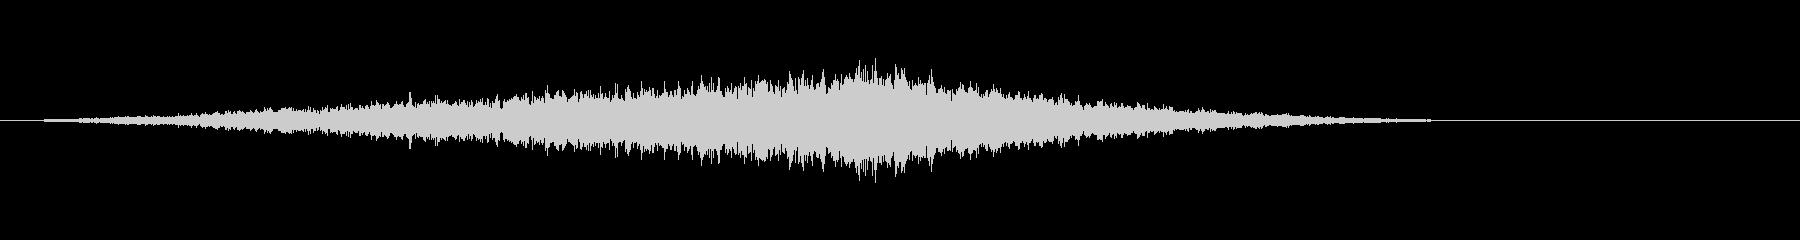 テーマ3:文字列の未再生の波形